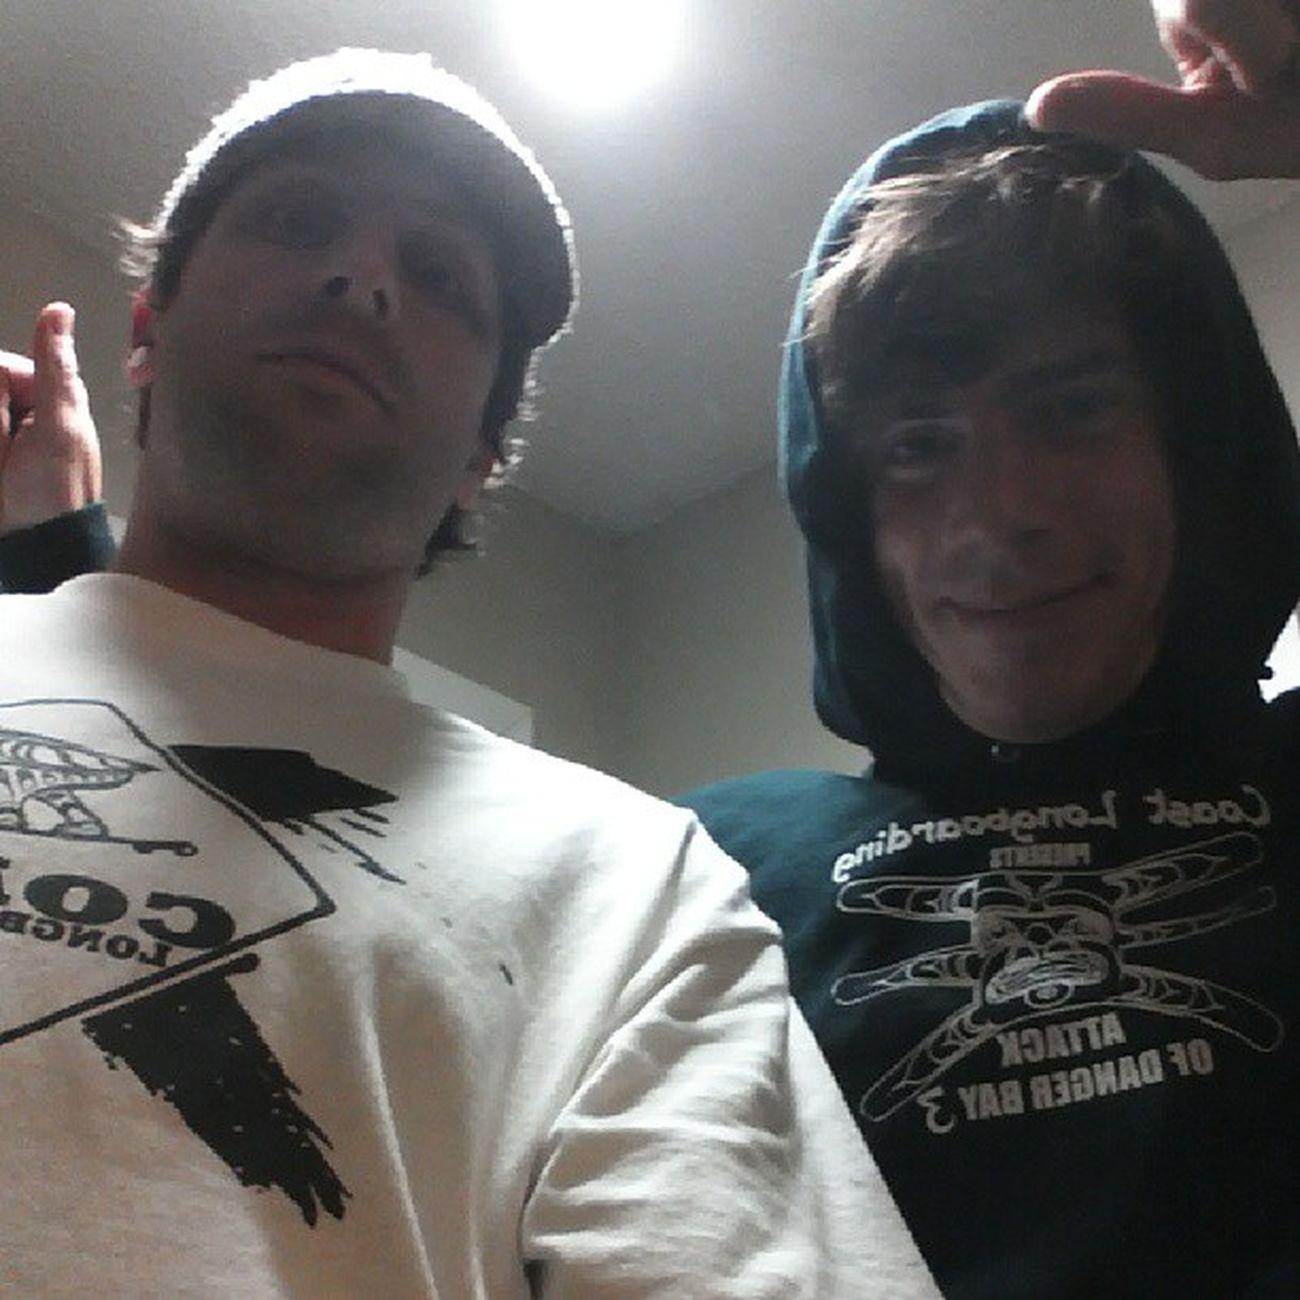 Gave Kev my DangerBay 3 COASTLONGBOARDING hoodie tonight. Parting geography after years @aerakrimes